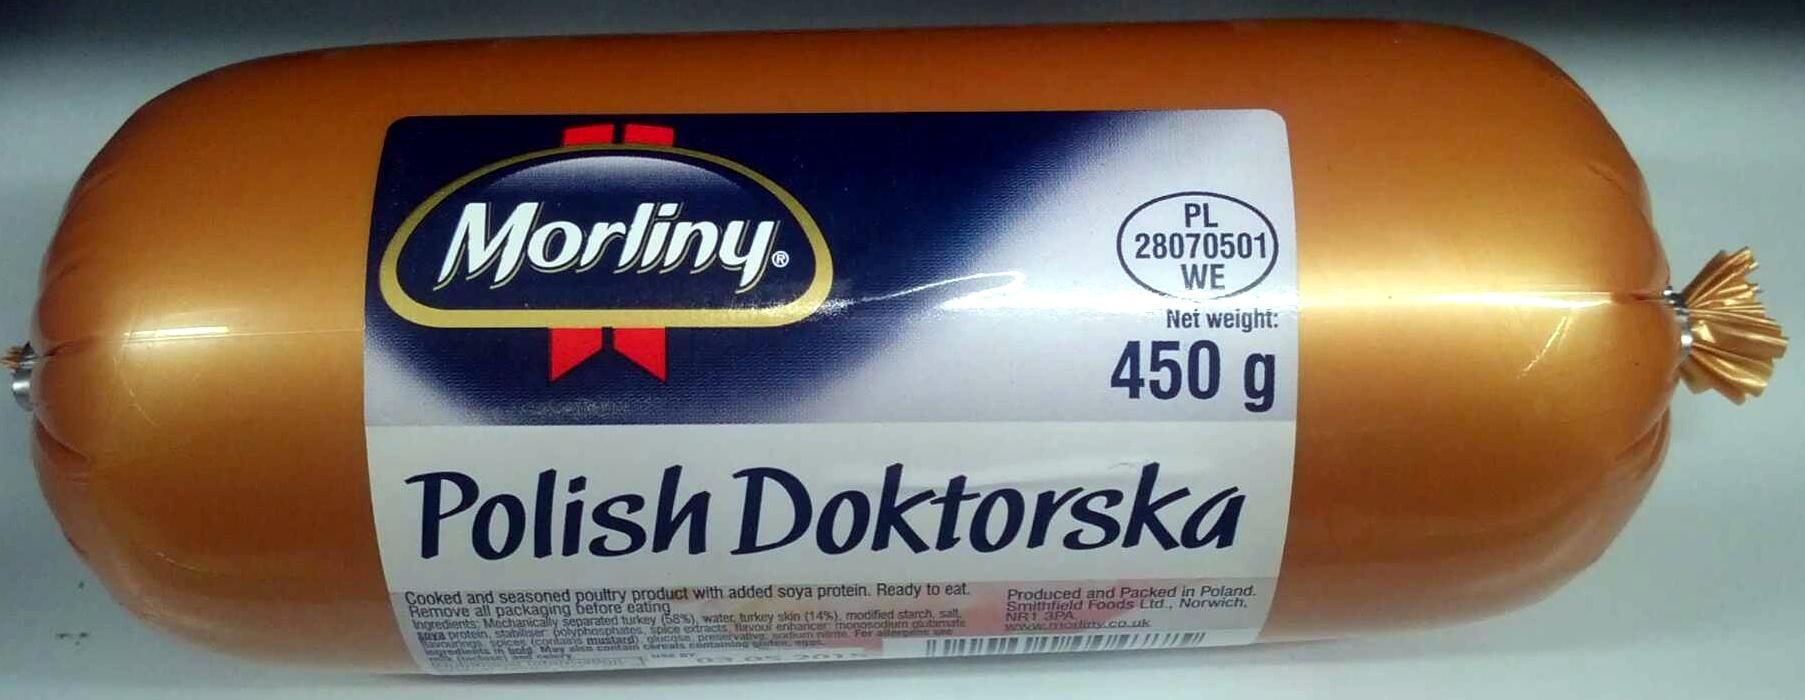 Polish Doktorska - Product - en